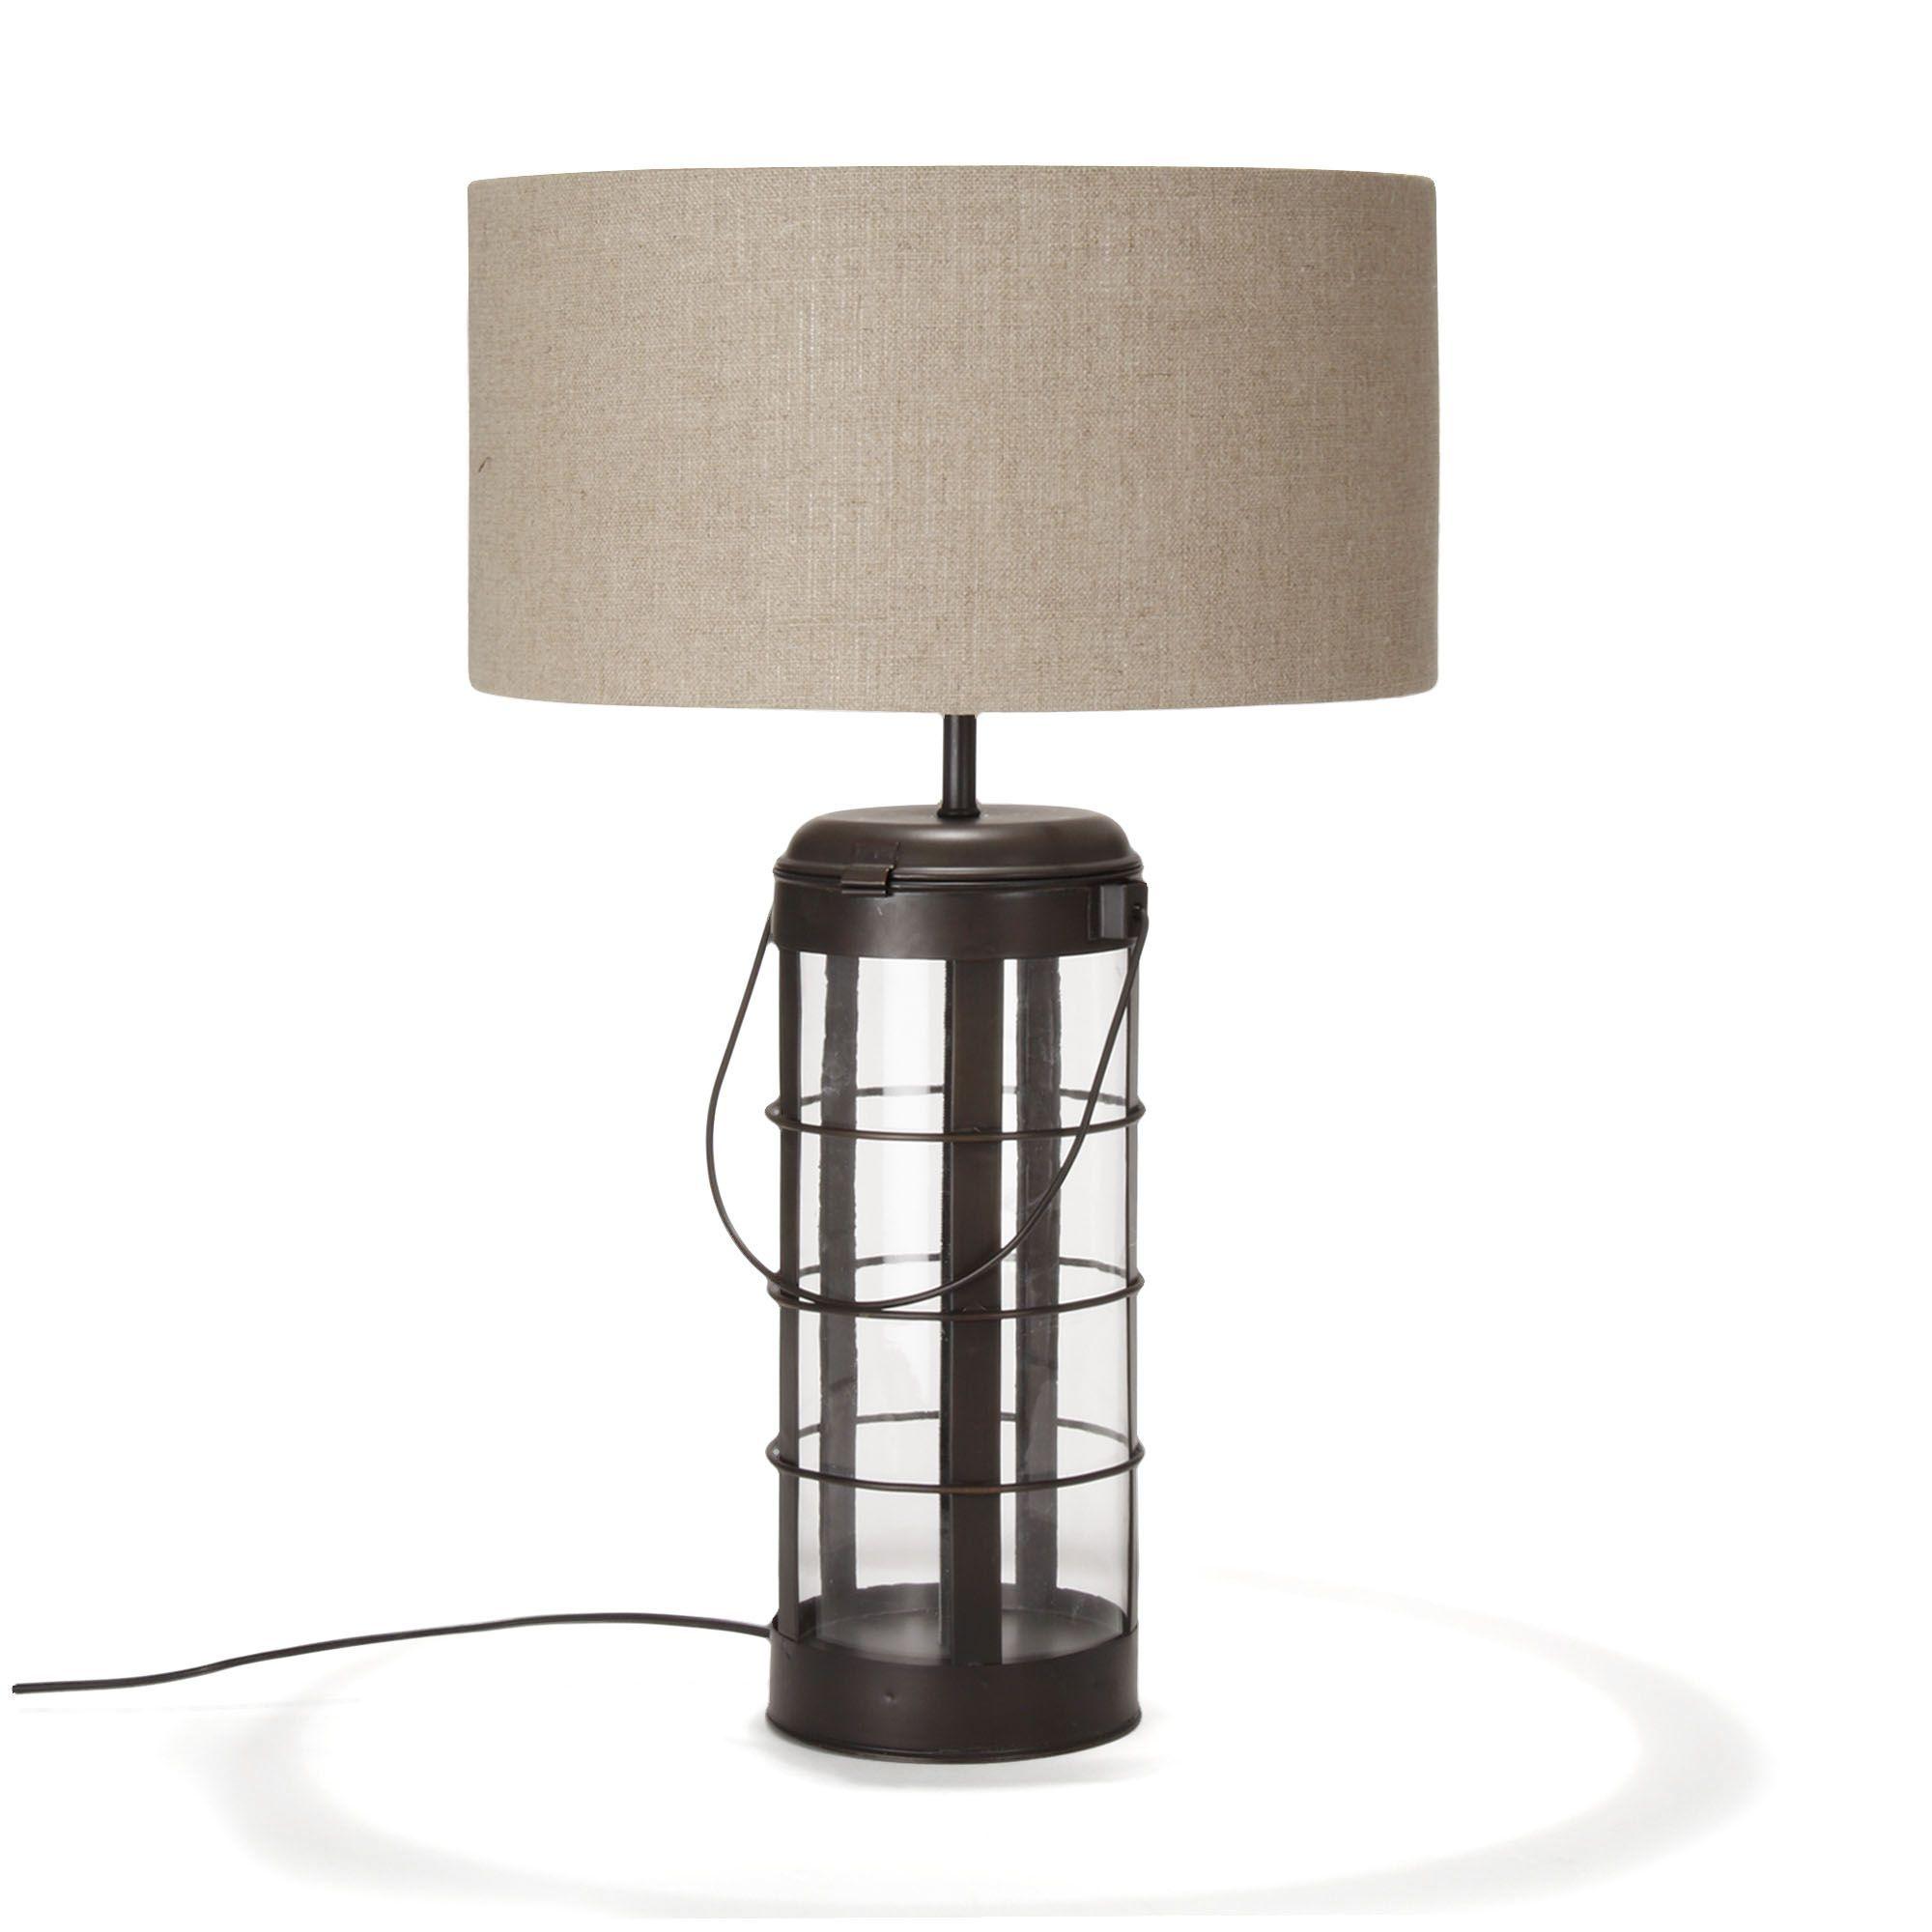 lampe avec abat jour noir oxyd faraday les lampes poser luminaires salon et salle. Black Bedroom Furniture Sets. Home Design Ideas